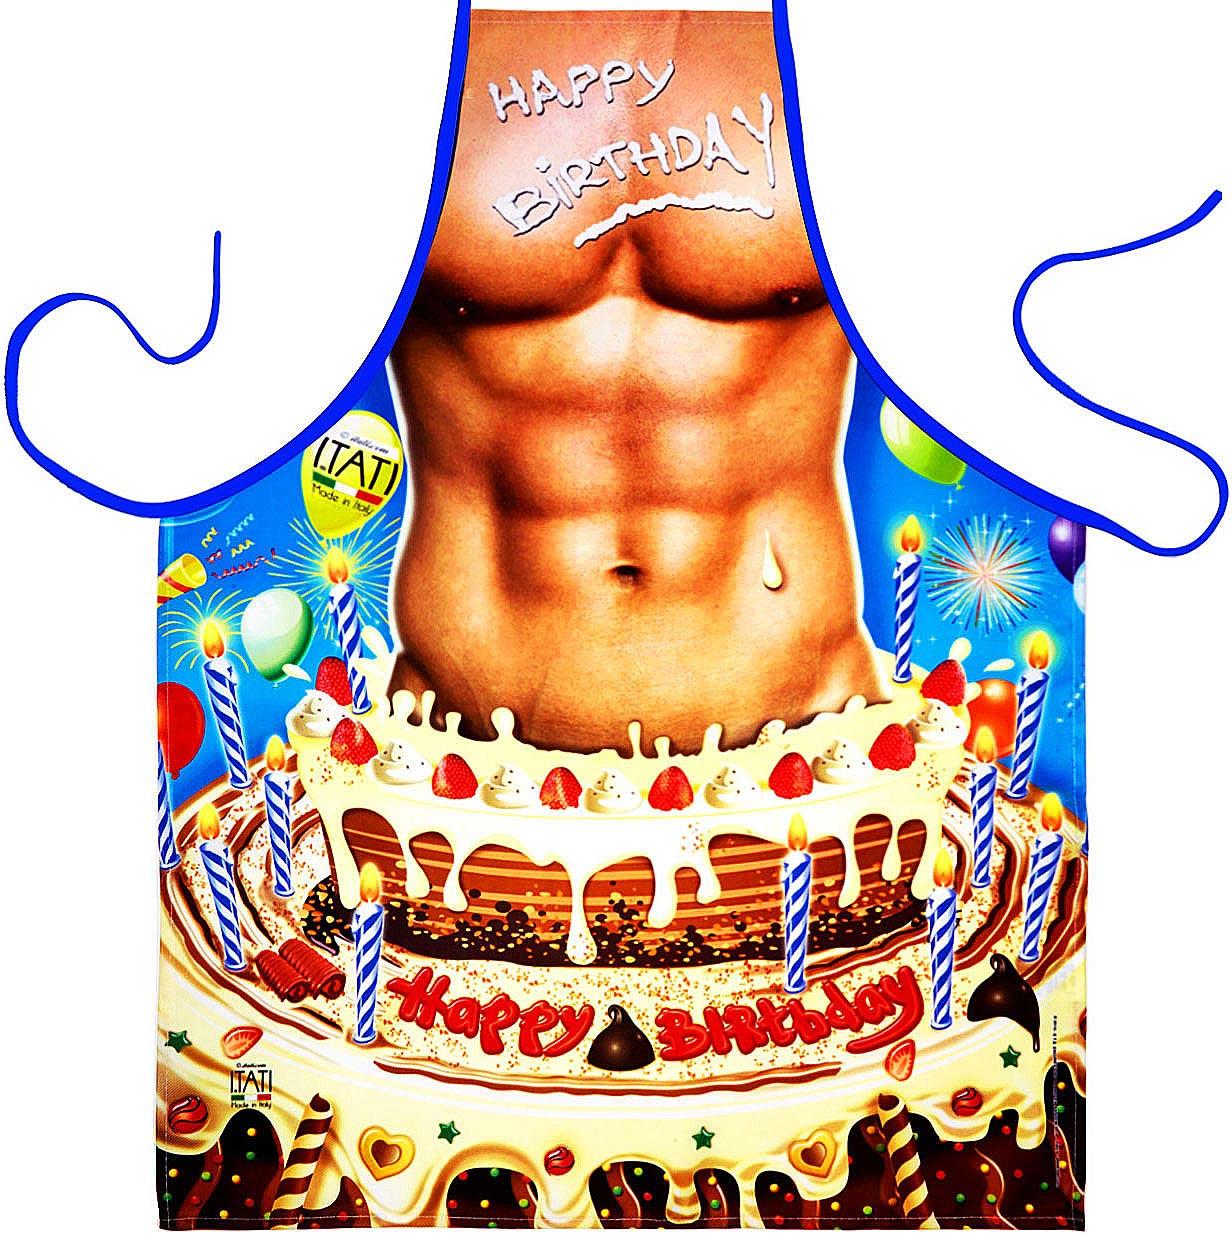 поздравление подарок фартук на день рождения которого наши горячим